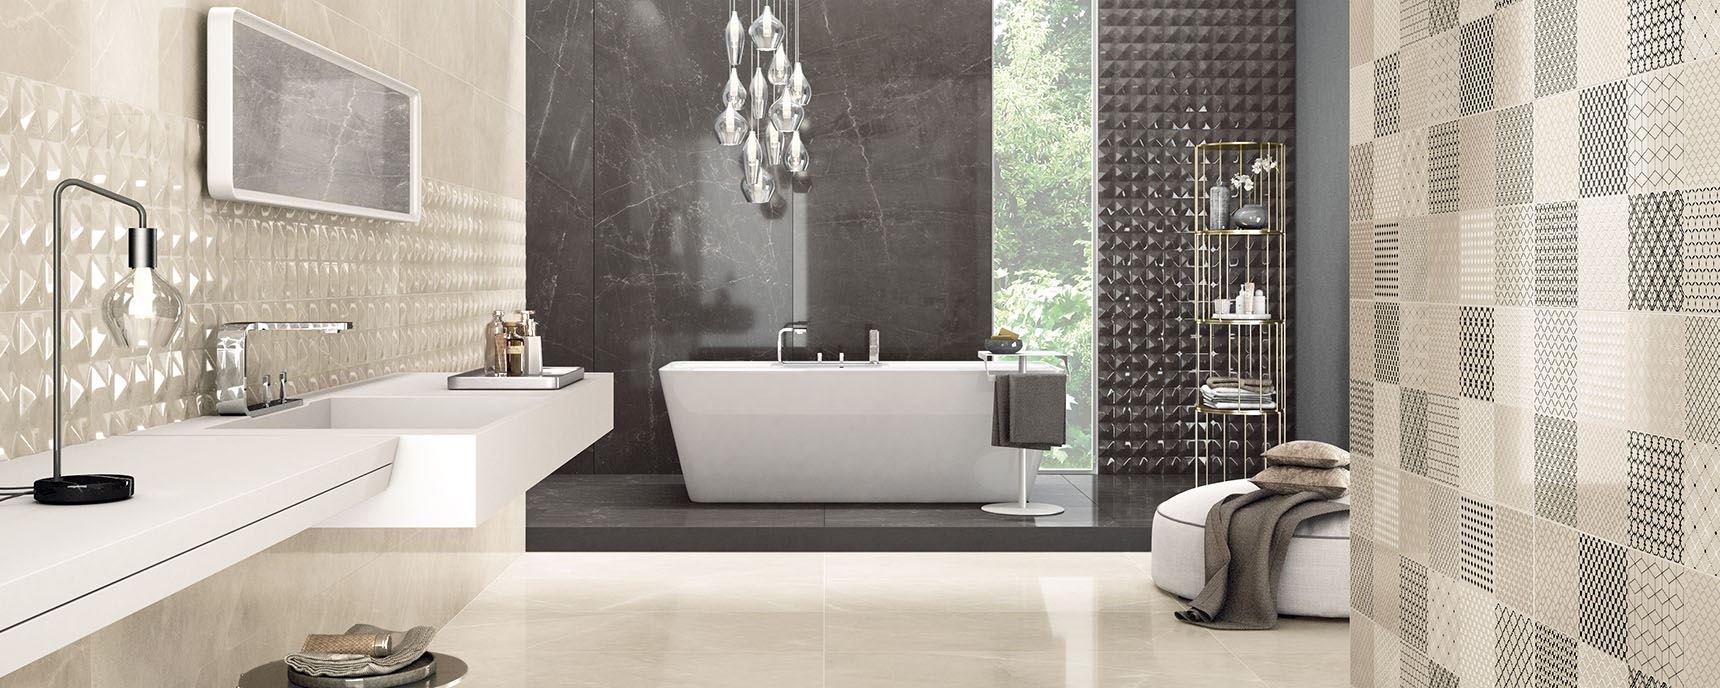 Trilogy effetto marmo per bagni eleganti panaria ceramica - Comporre un bagno ...